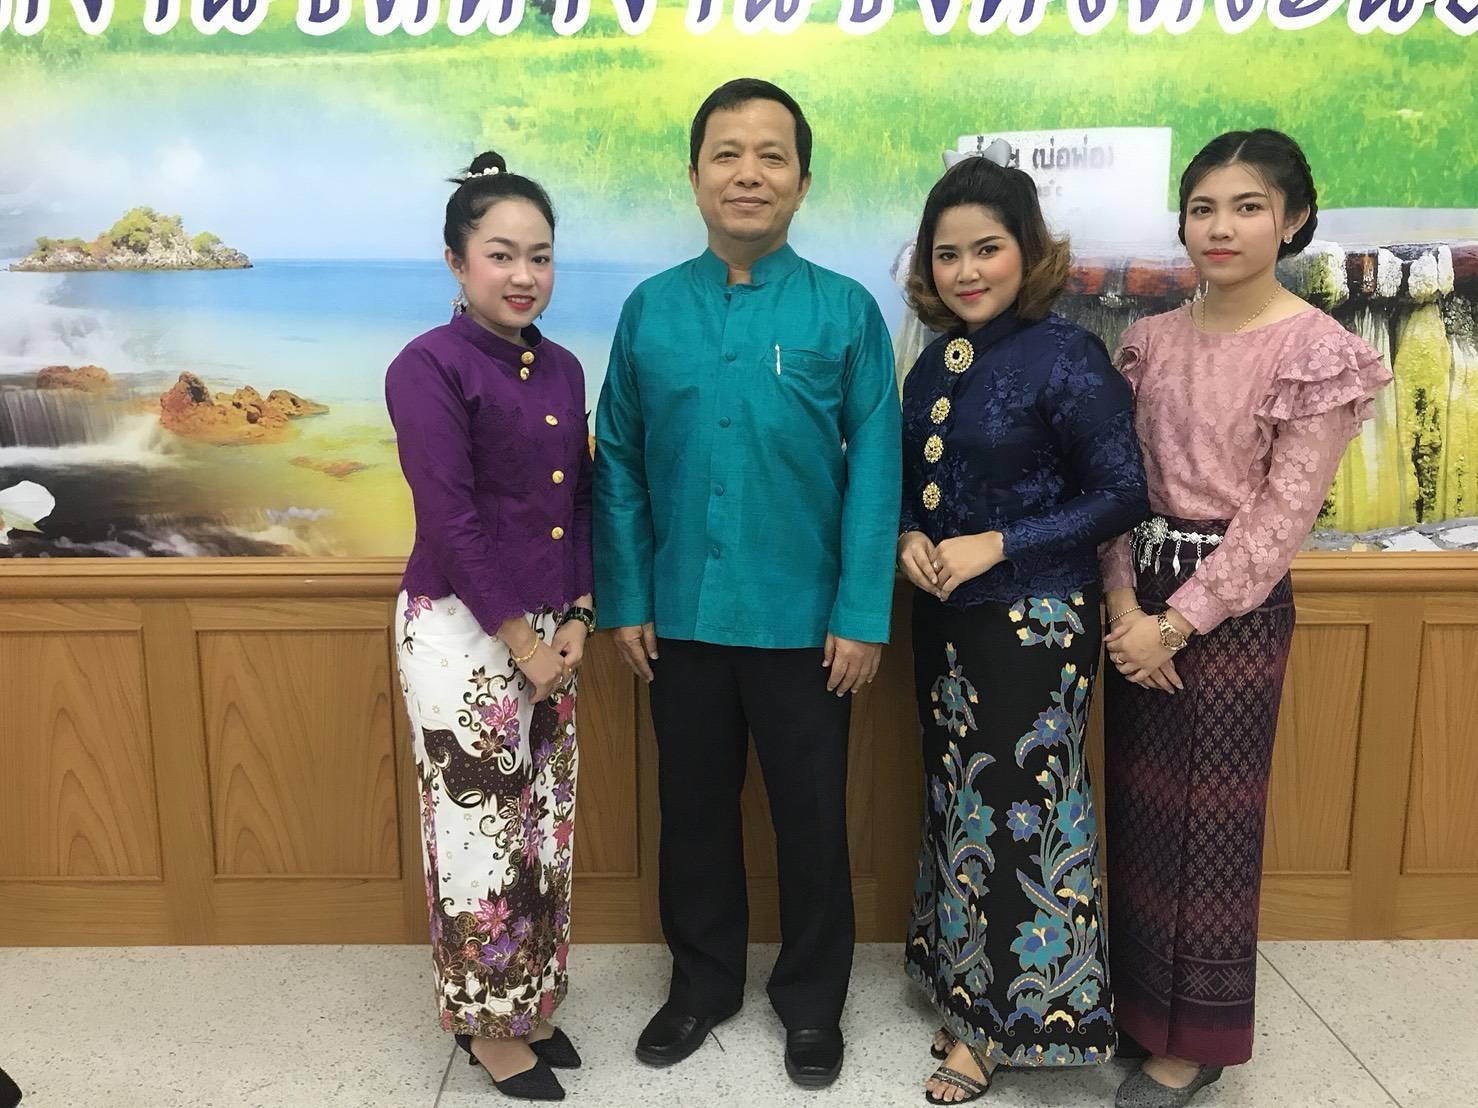 จัดหางานจังหวัดระนอง ร่วมงานพิธีเปิดนิทรรศการบทบาทของจังหวัดต่อการสนับสนุนการเป็นประธานอาเซียนของไทย